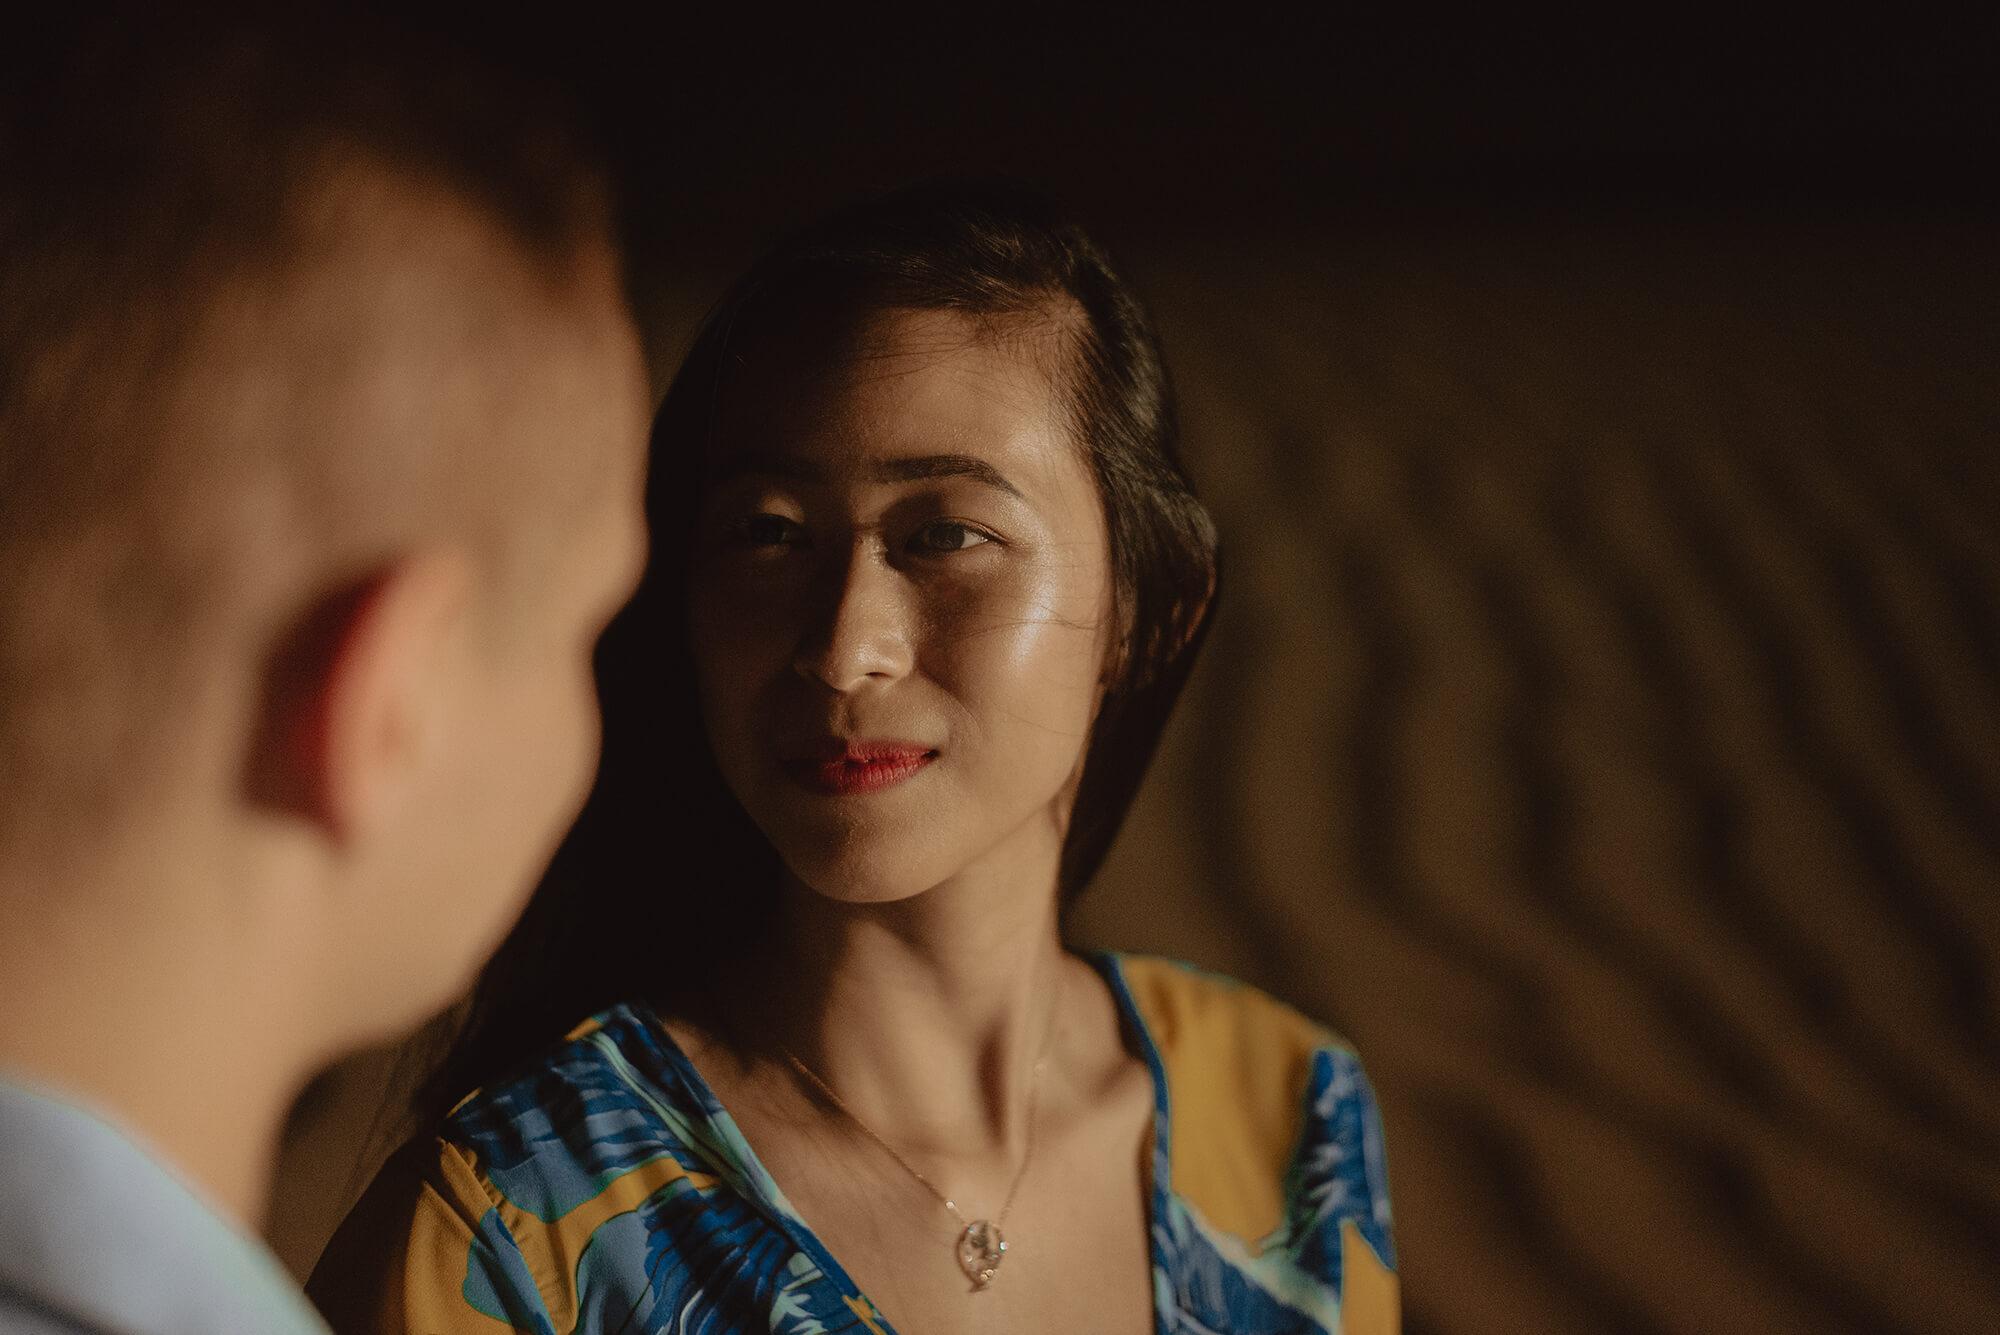 Sesja narzeczenska w dubaju14 - Citra + Kuba | miłość w Dubaju + 6 powodów dlaczego sesja narzeczeńska jest tak ważna